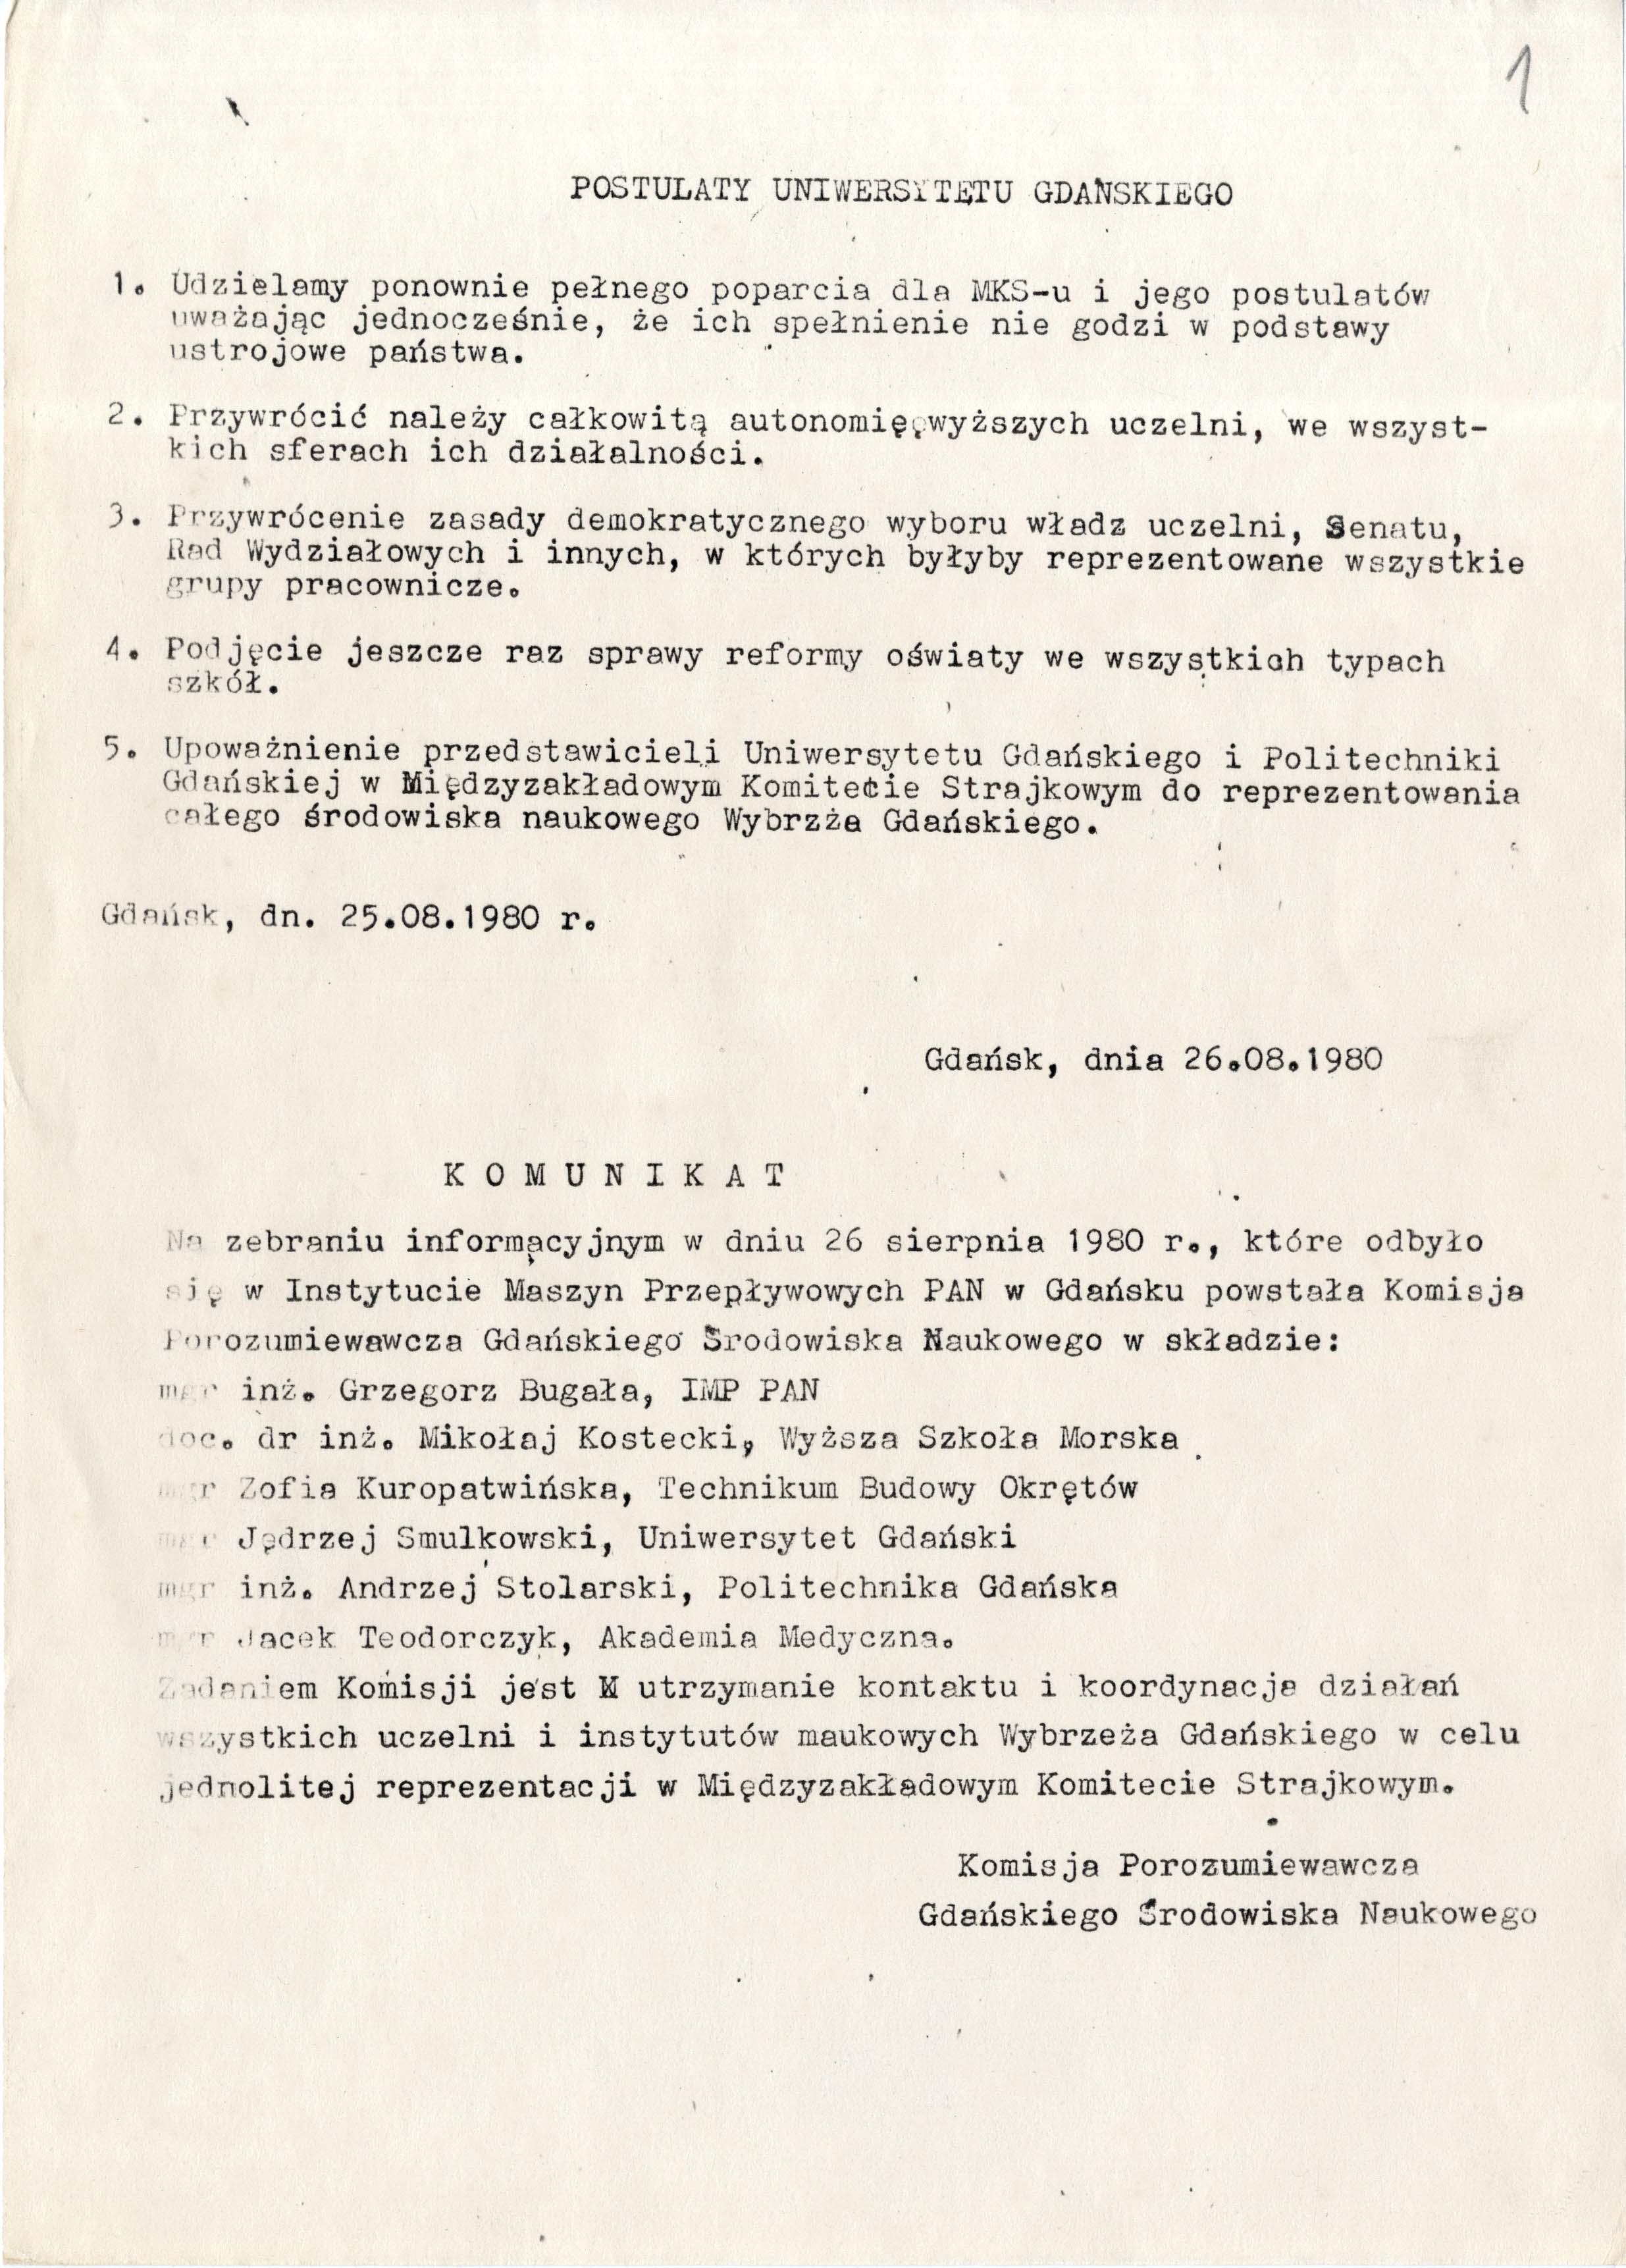 Postulaty pracowników Uniwersytetu Gdańskiego